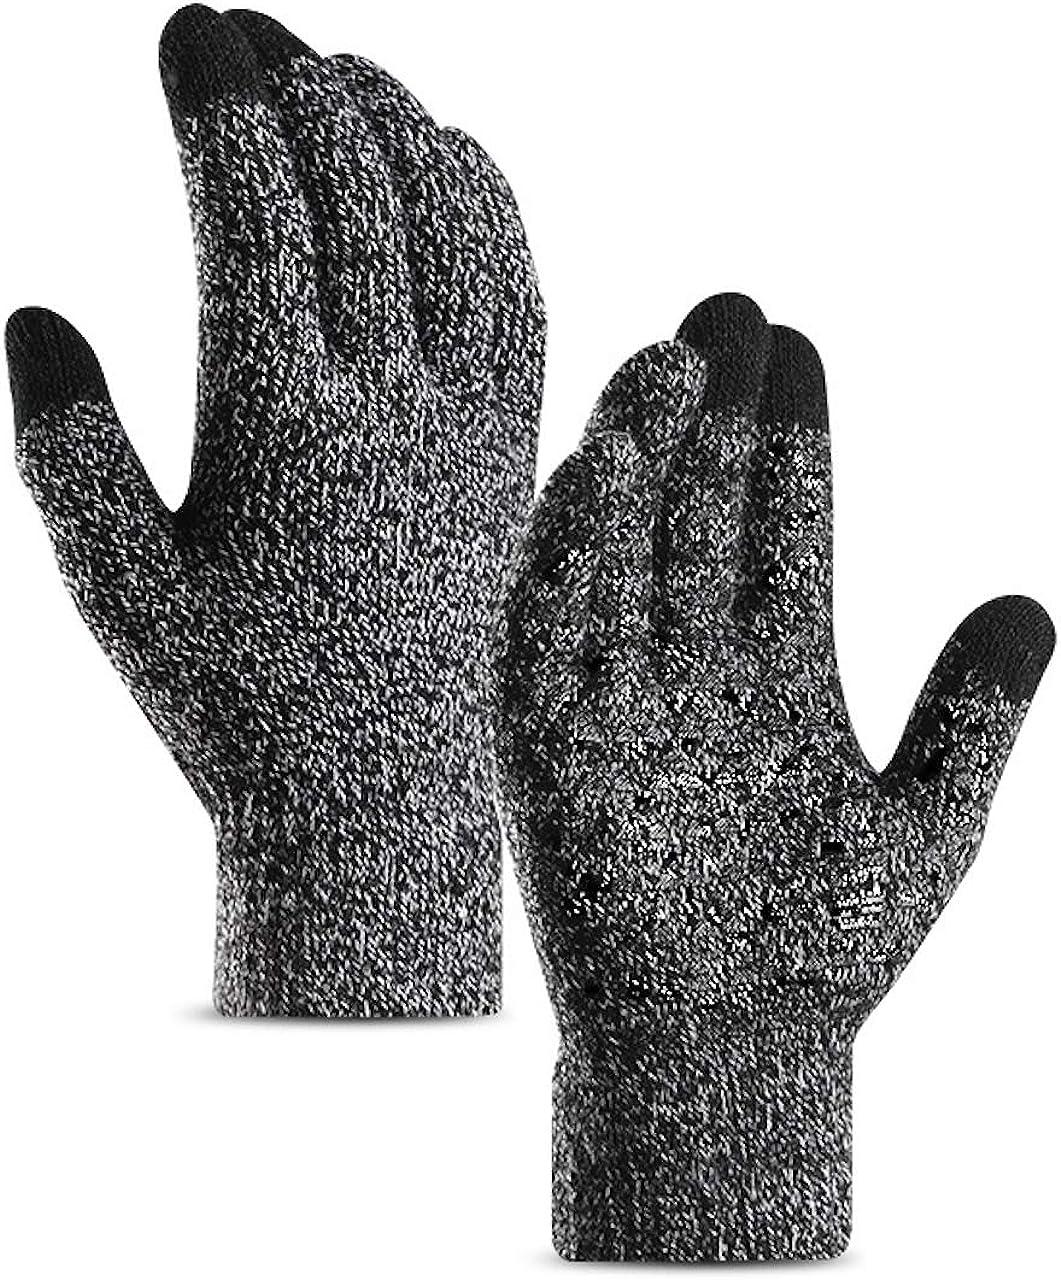 DZRZVD Winter Warm Touchscreen Gloves for Women Men Knit Wool Lined Texting DZ32